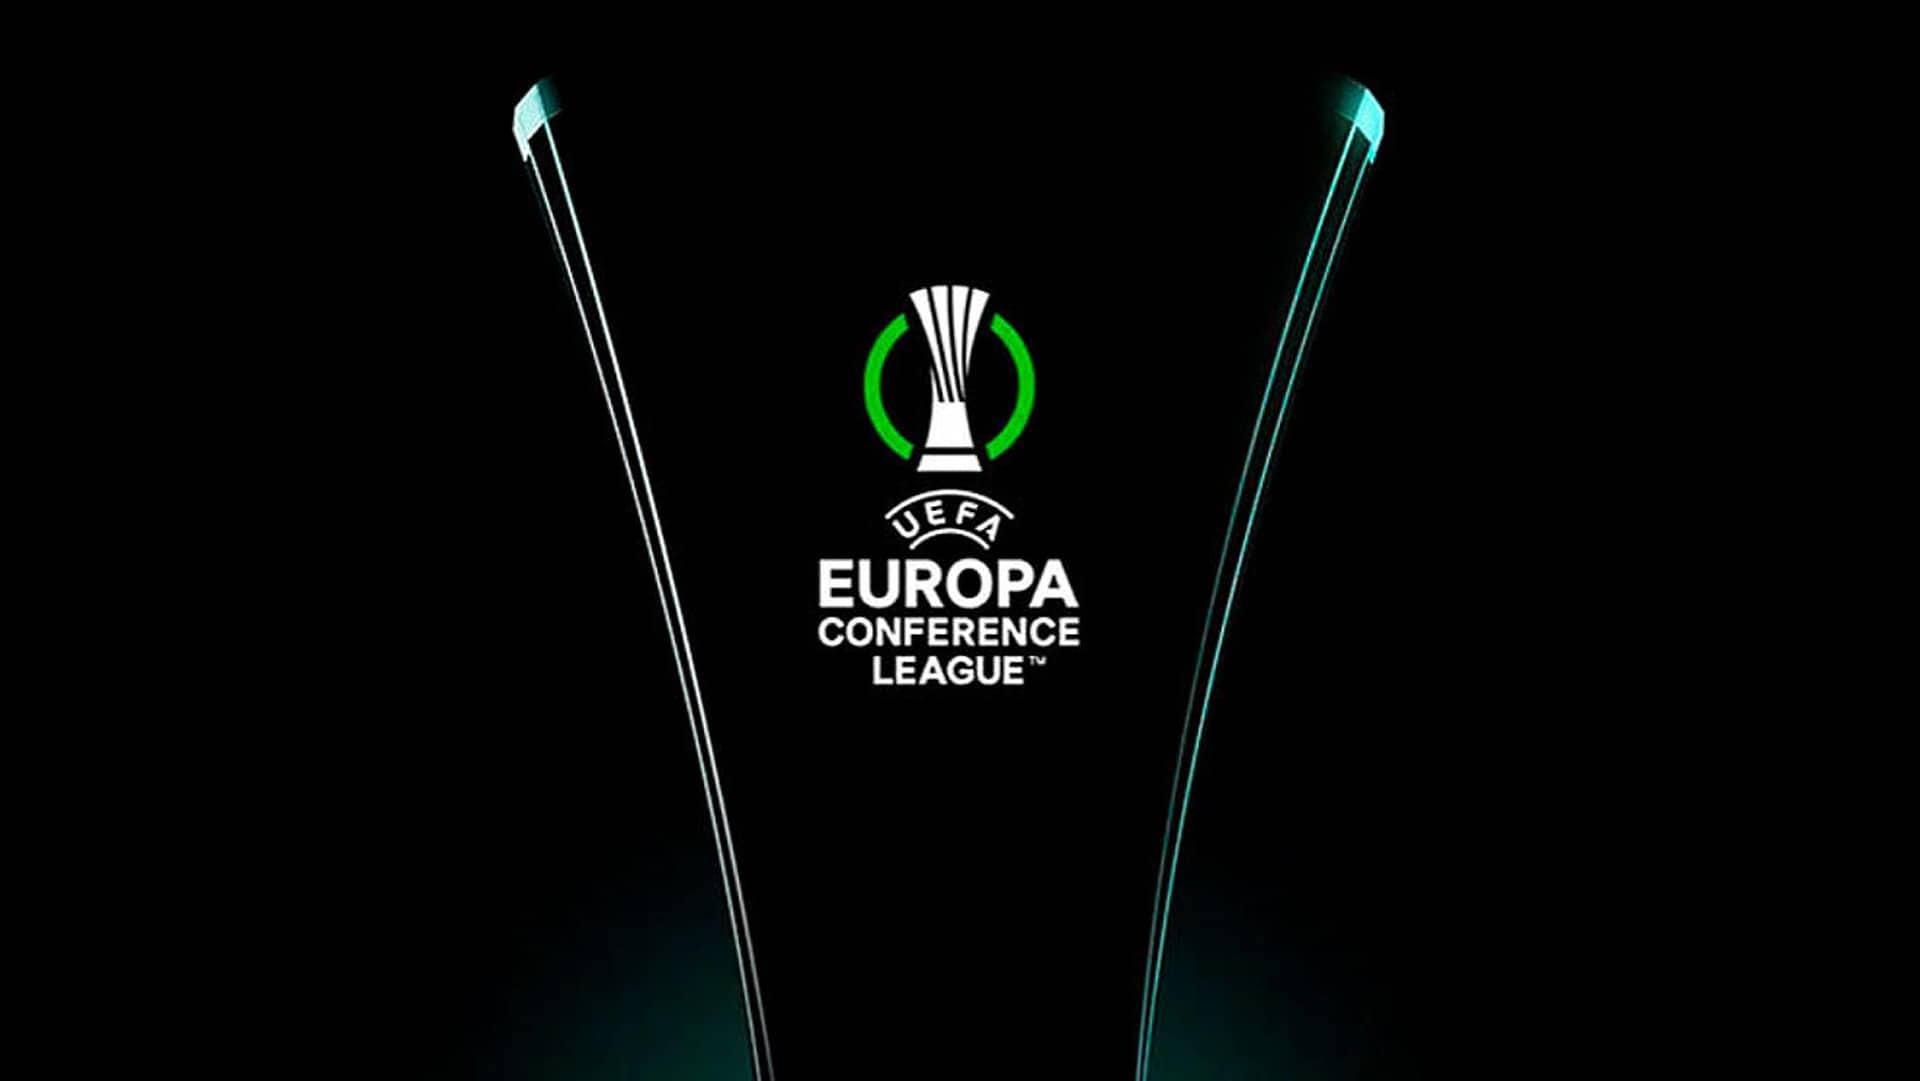 UEFA Europa Conference League 2021-22: qué es, formato, calendario, horarios y españoles